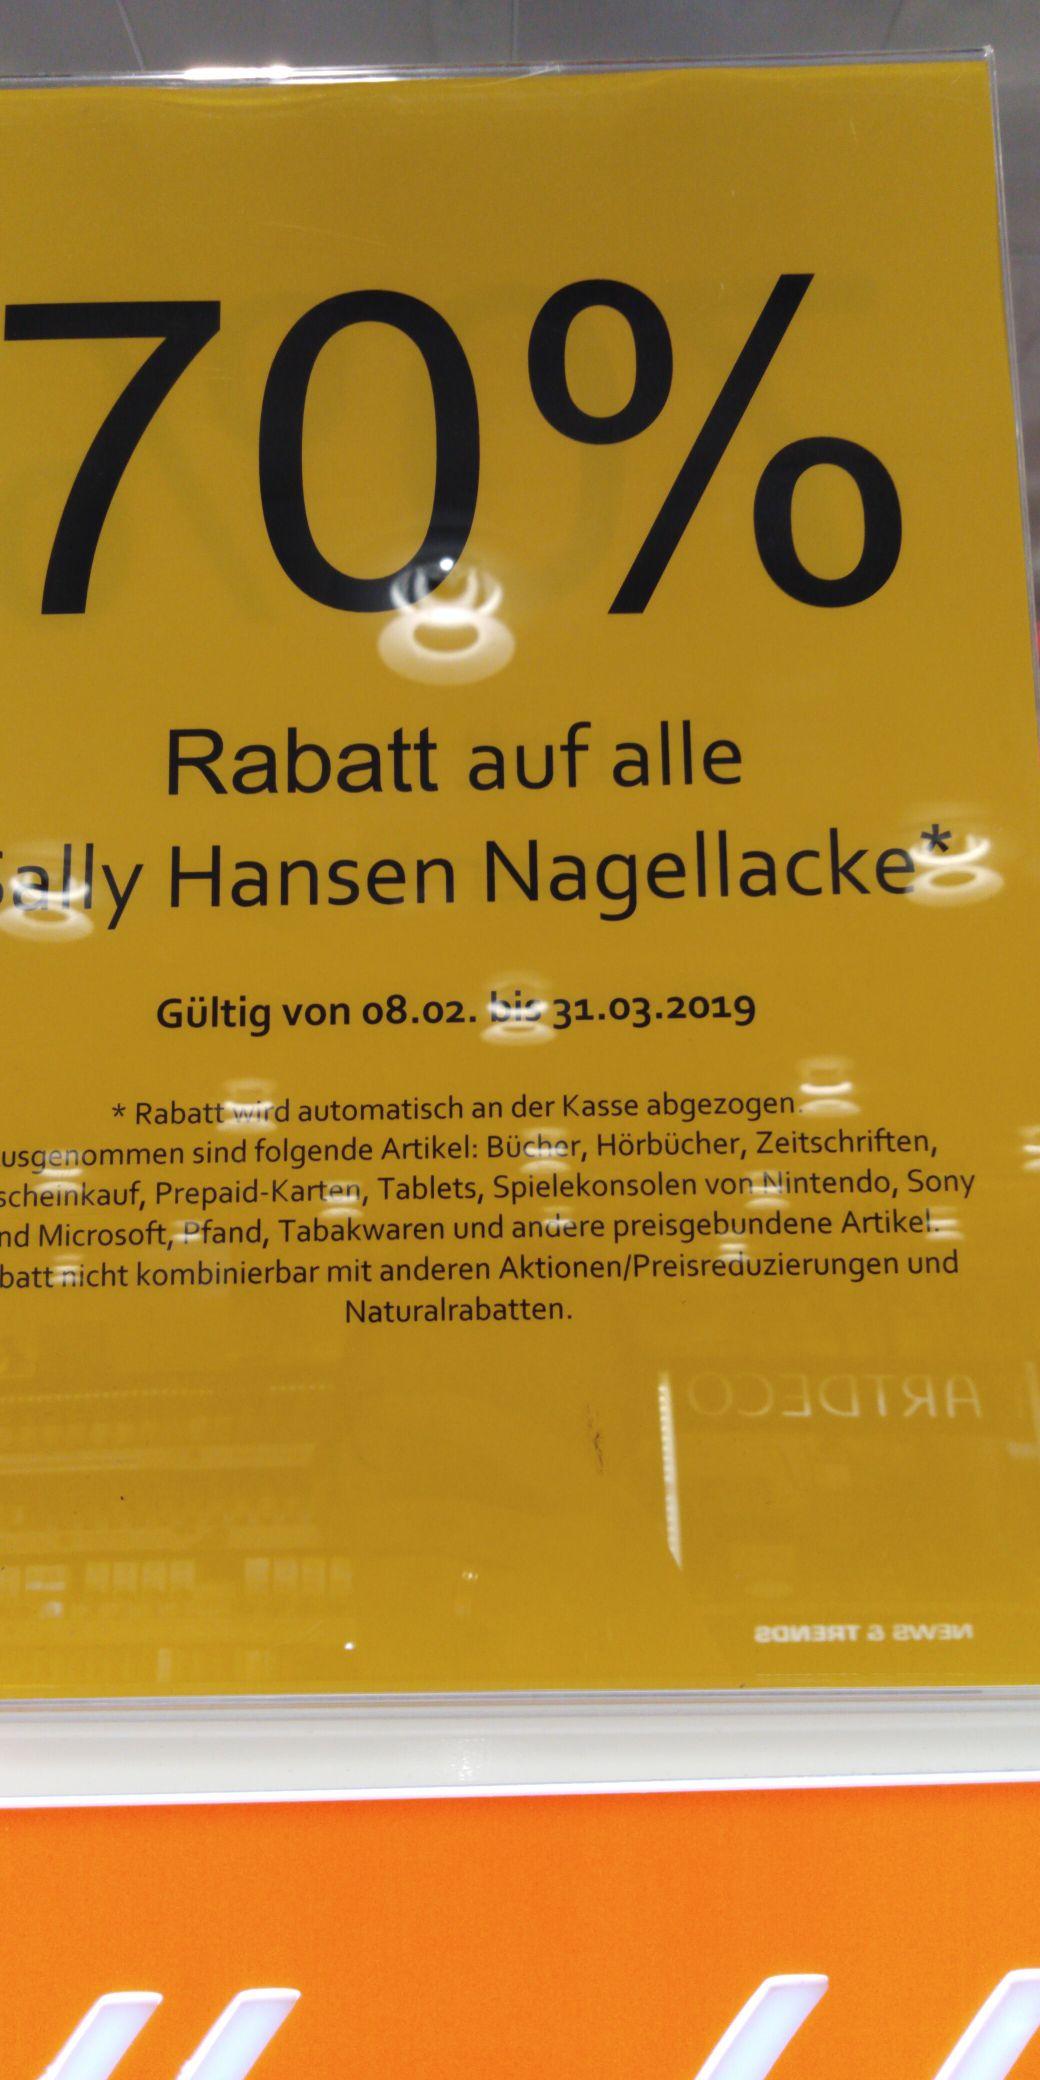 Müller sally Hansen Nagellack 70% billiger online und offline